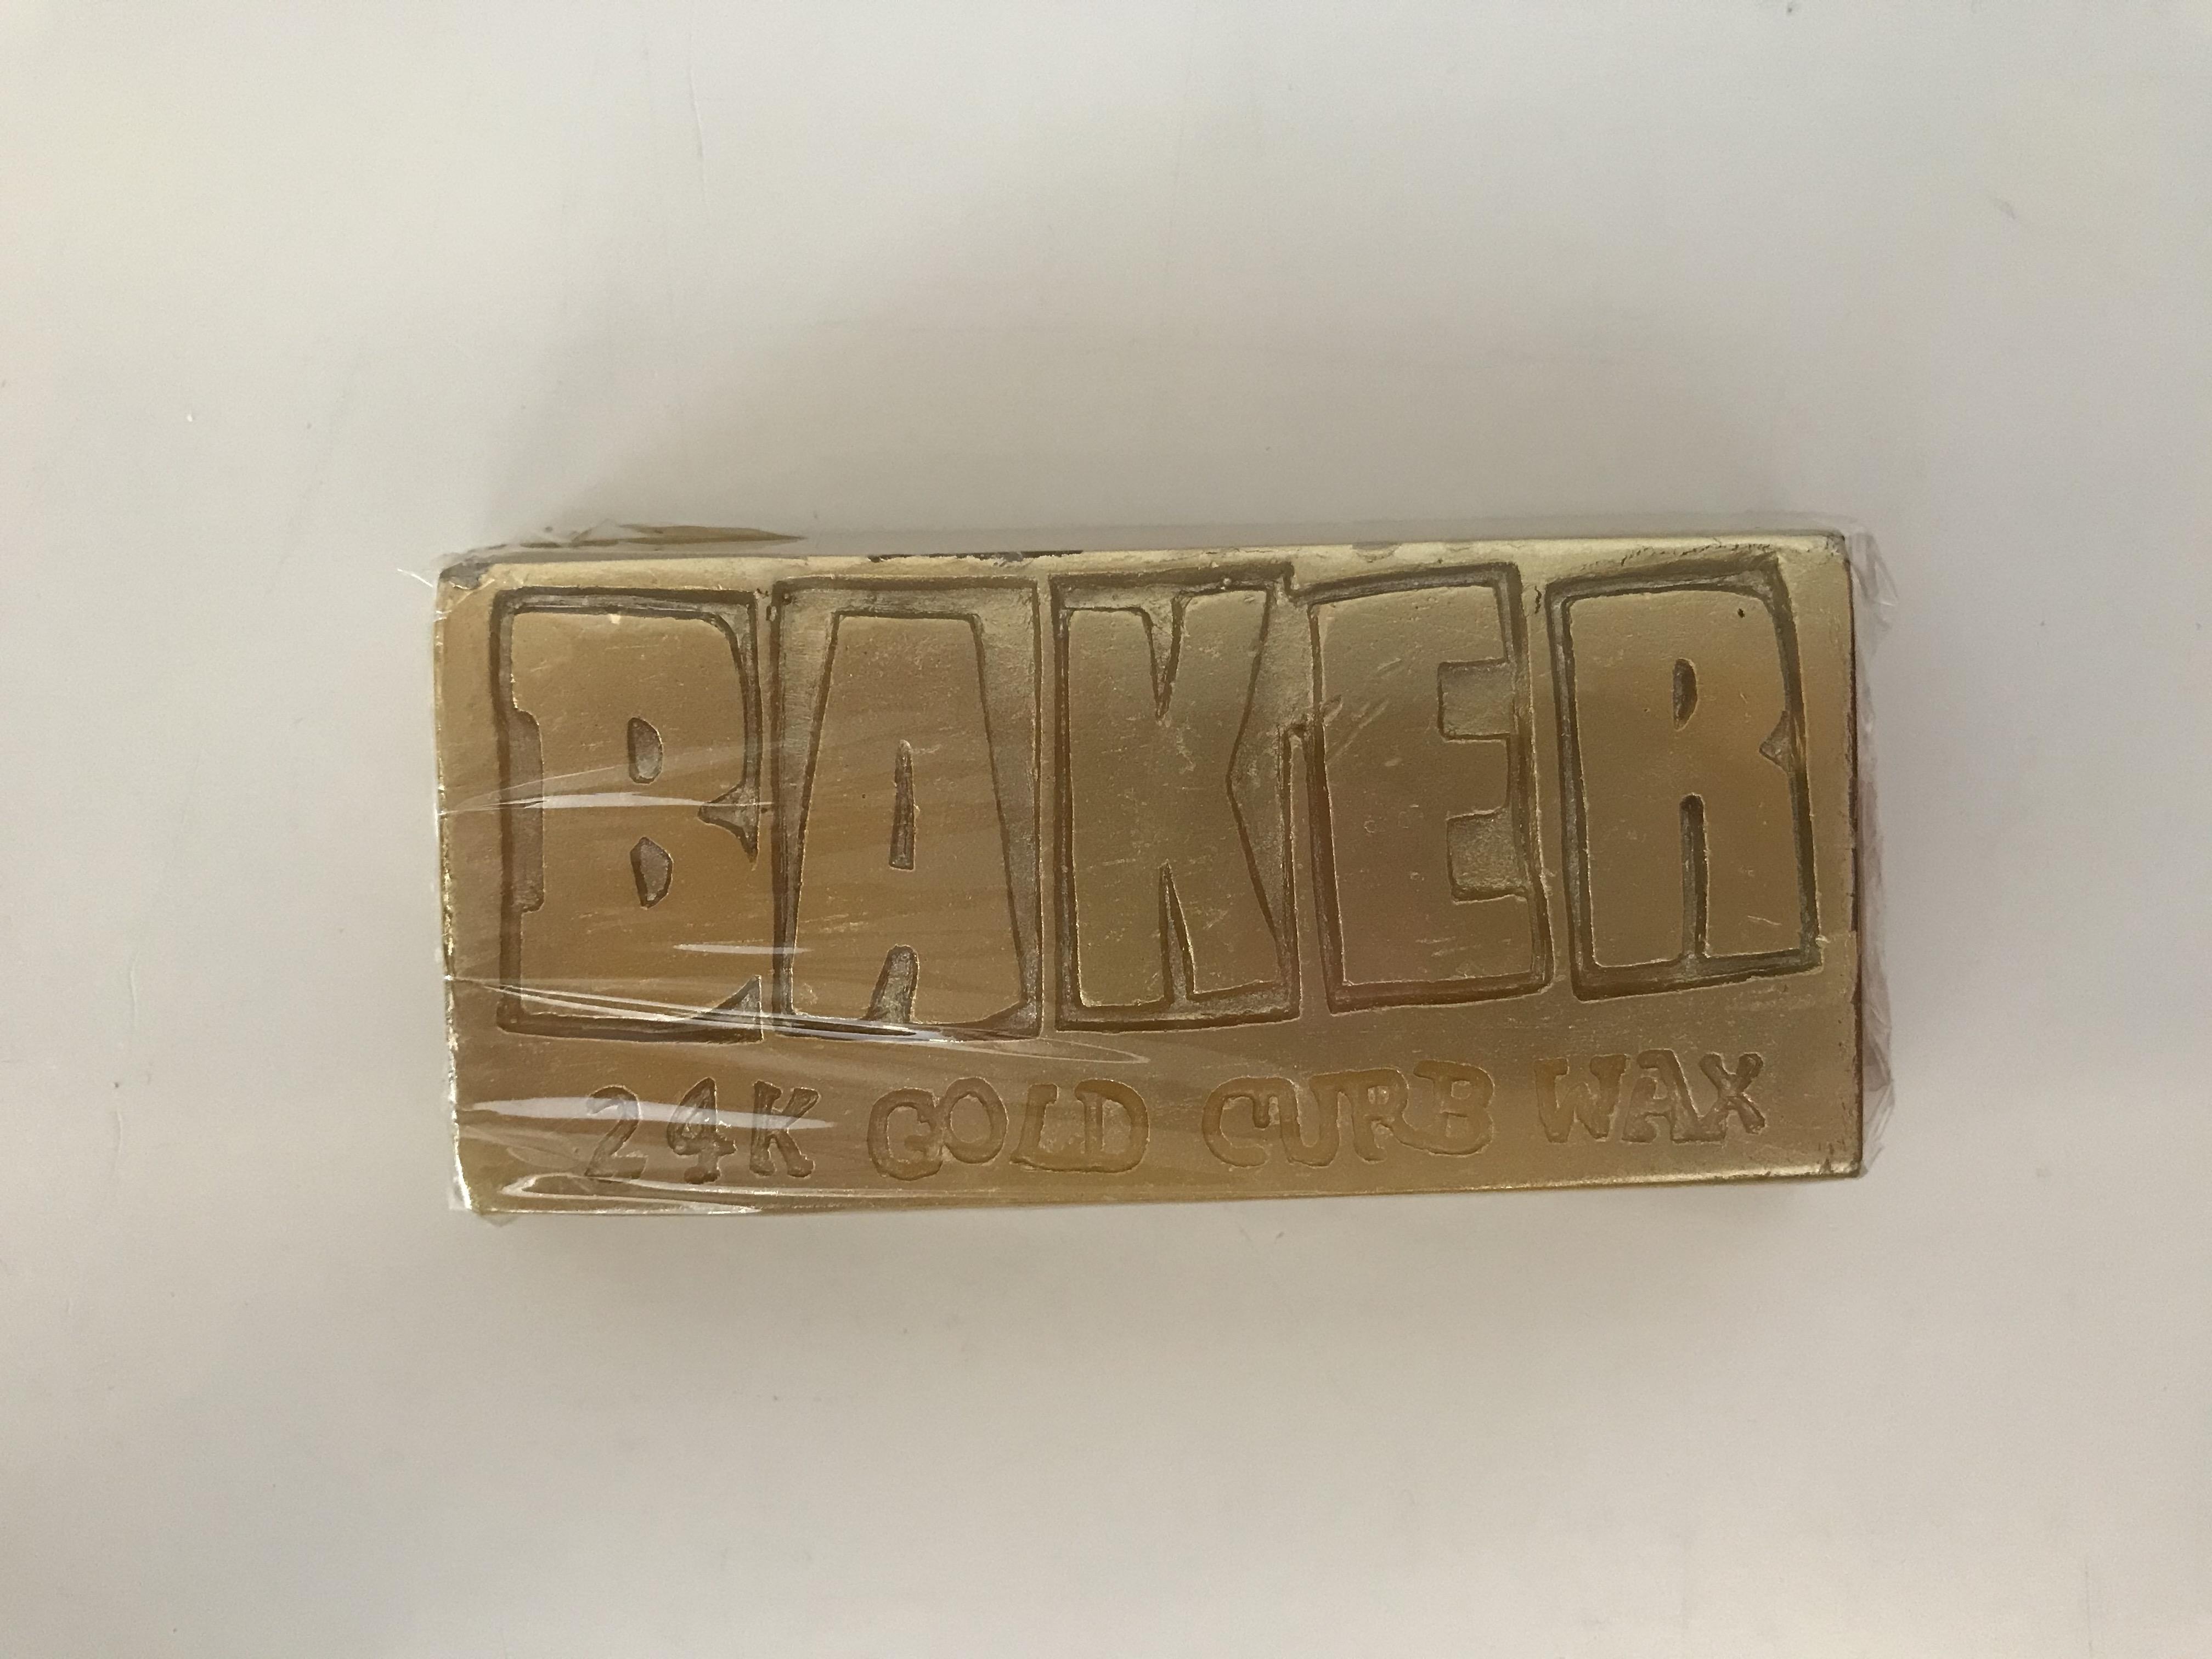 Baker Wax